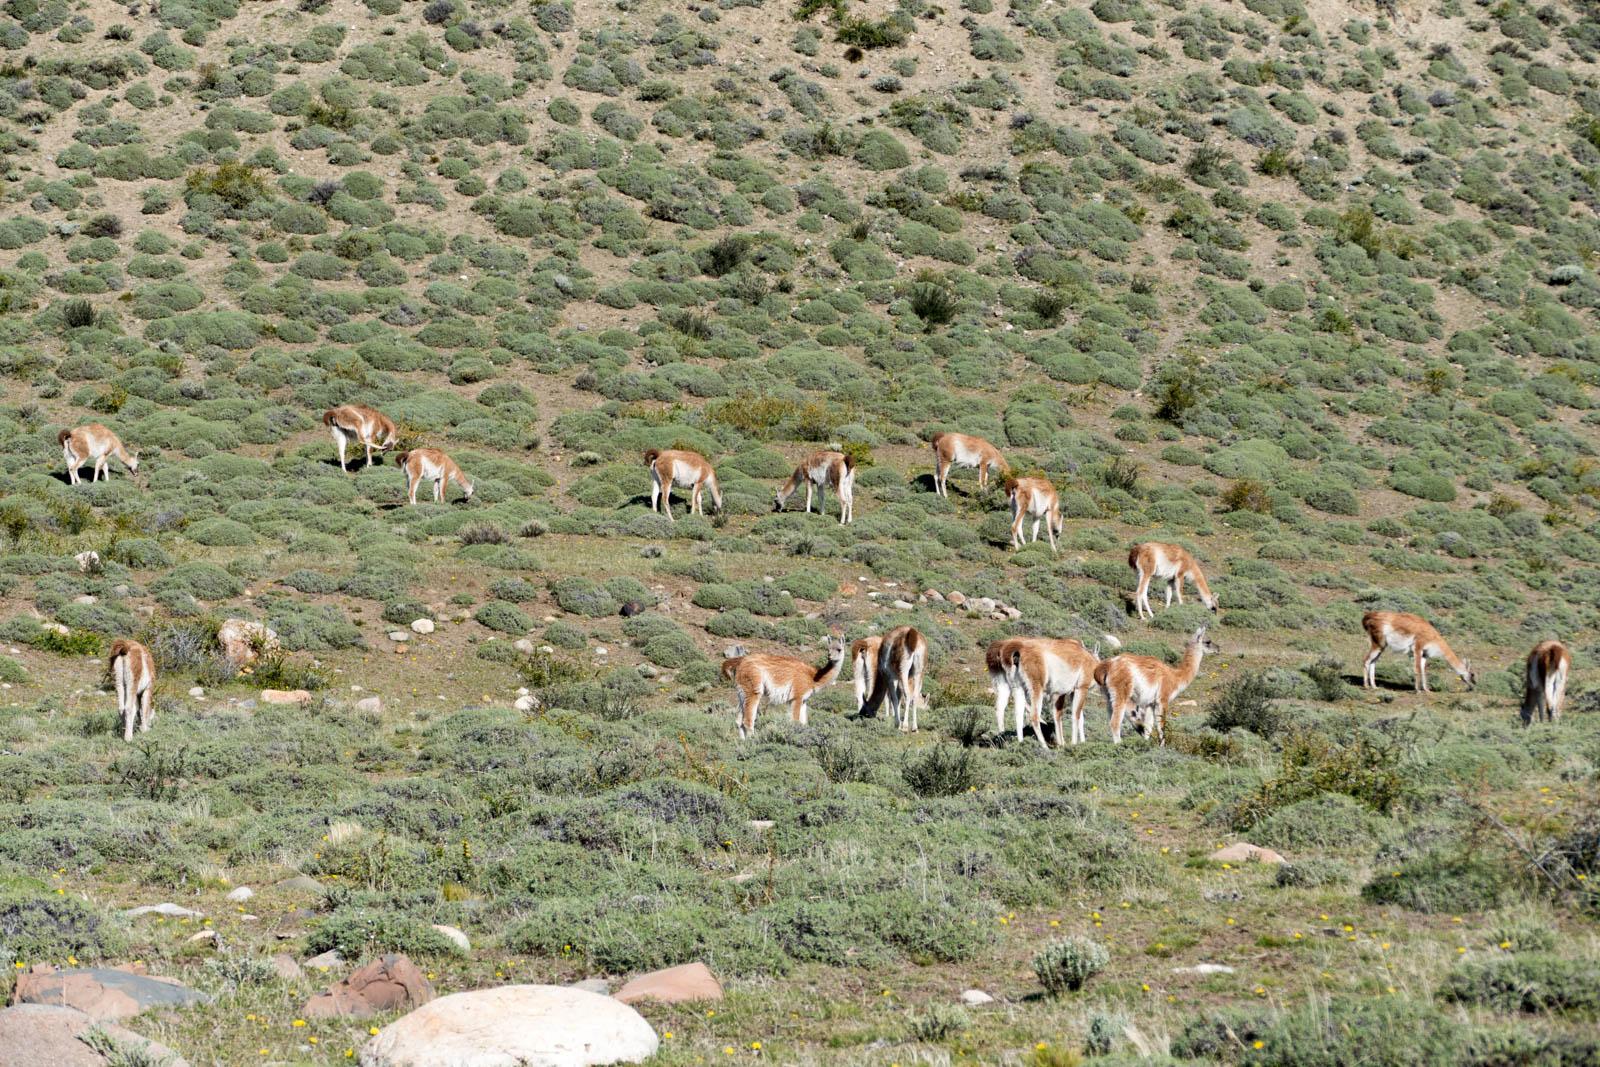 Herd of guanacos